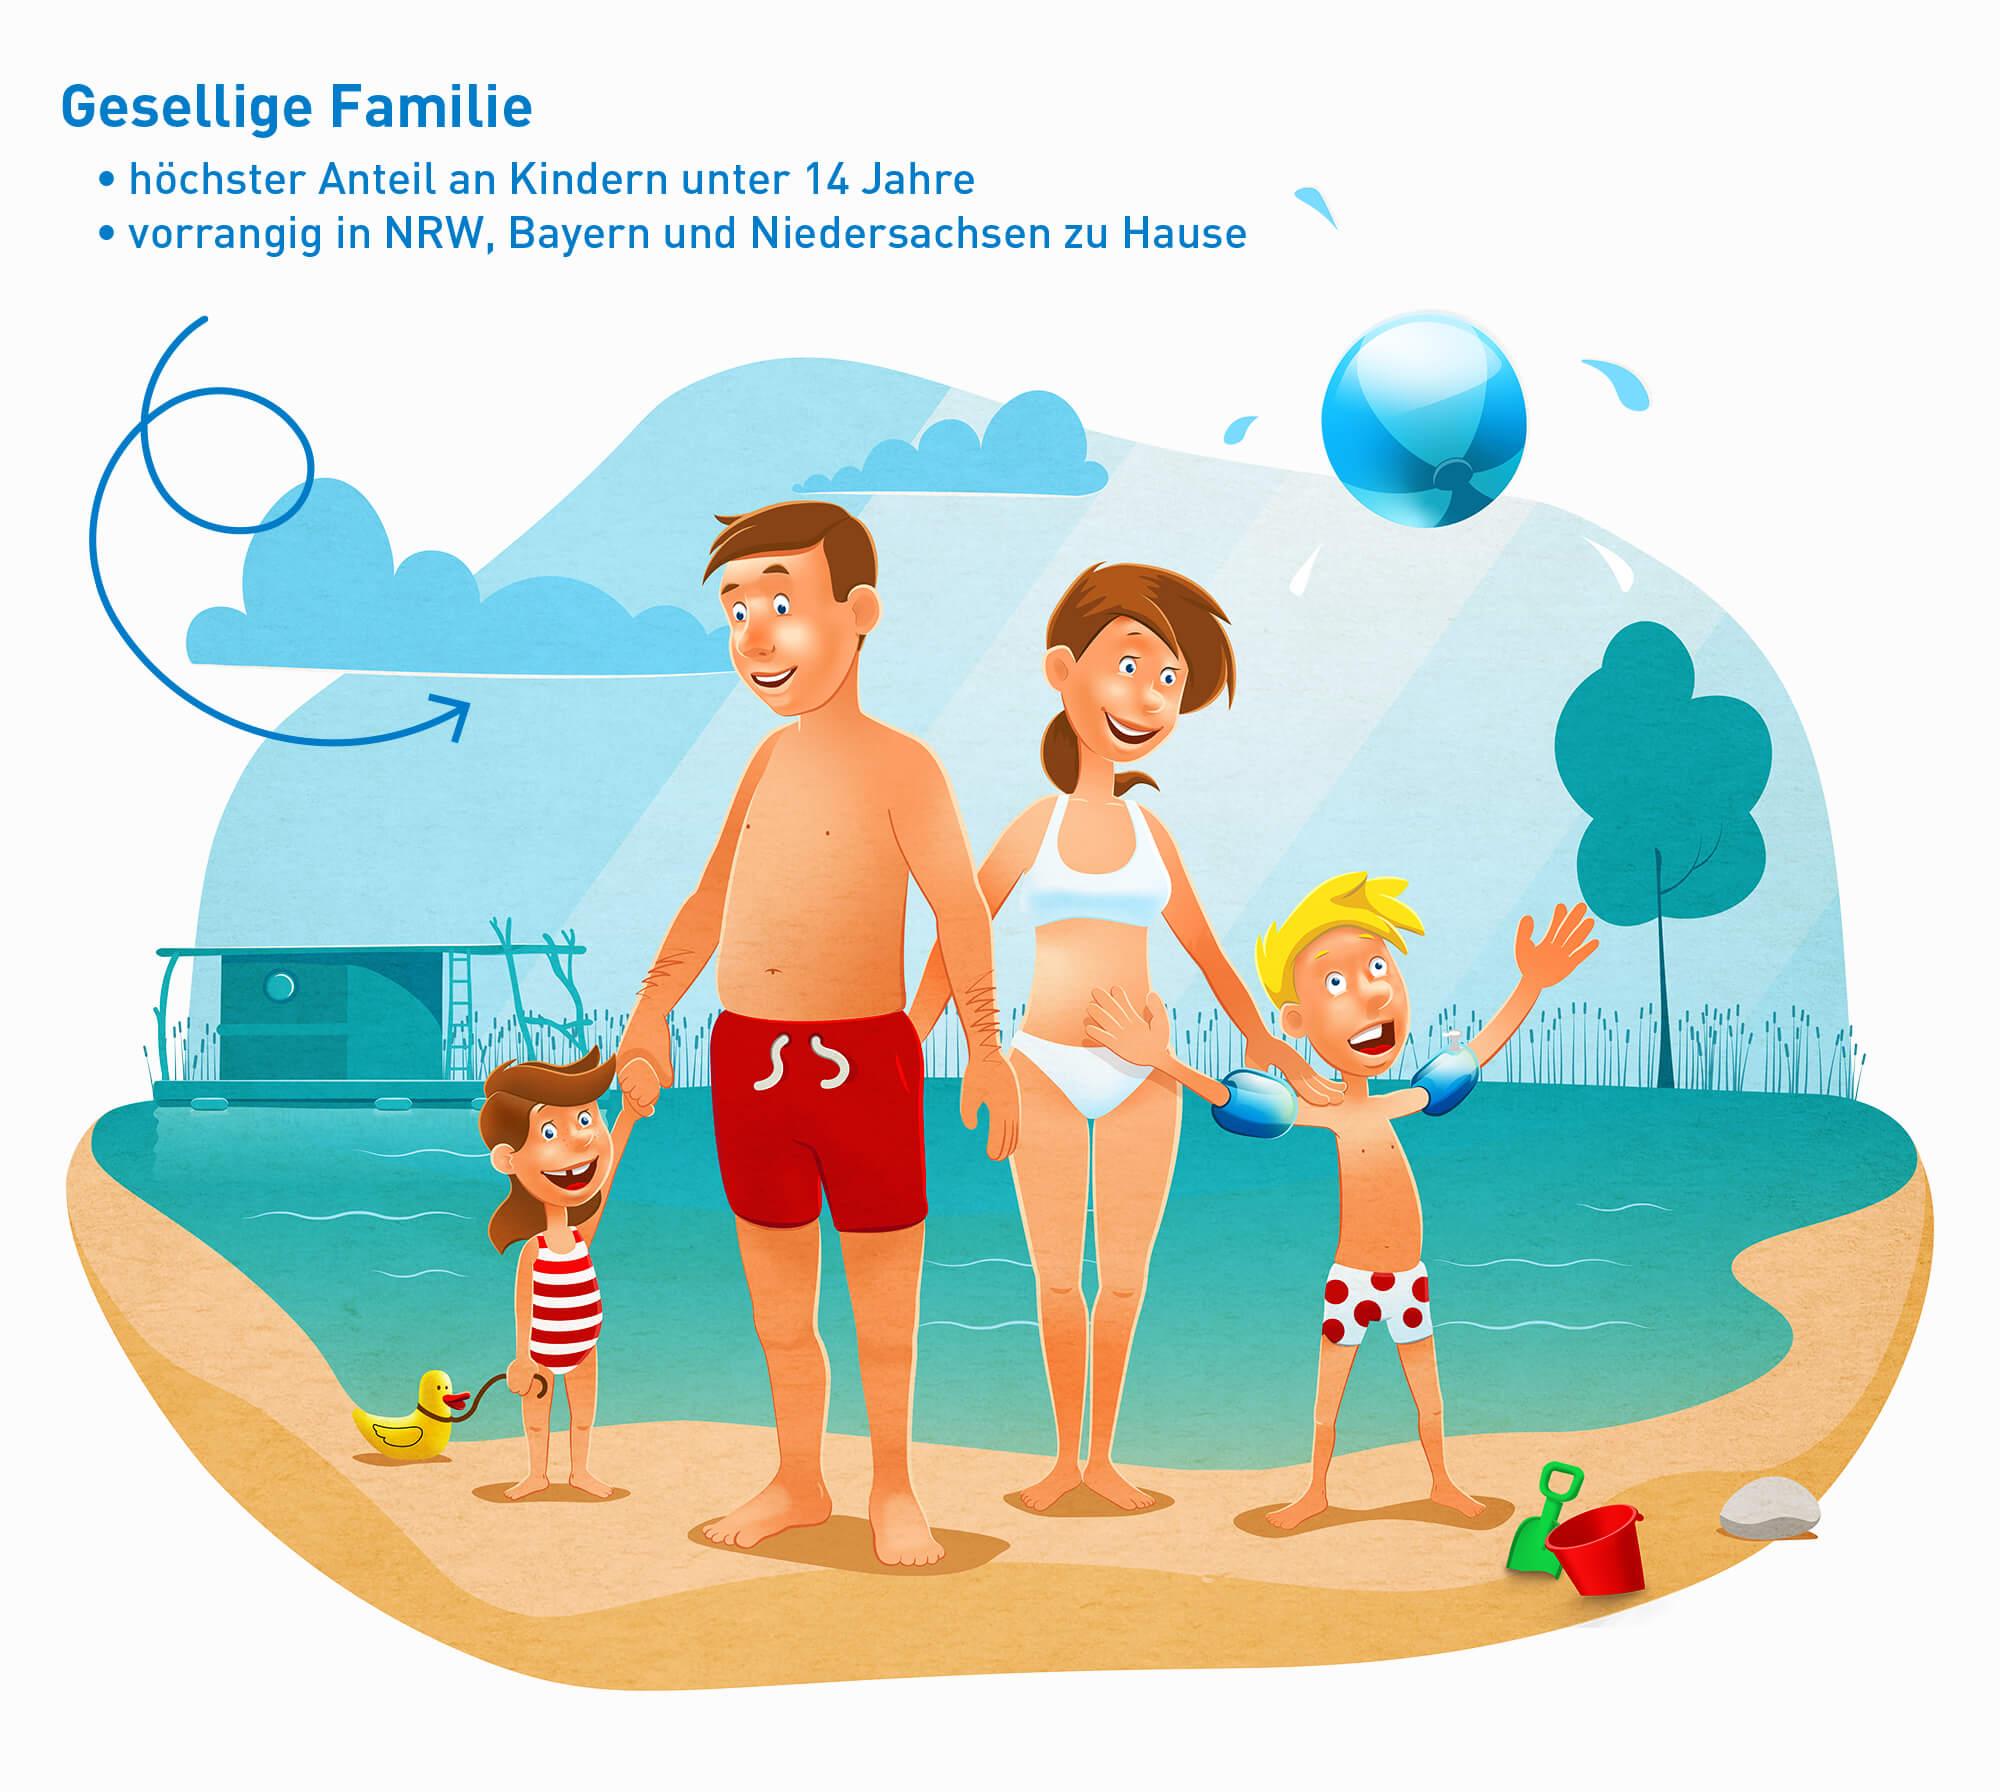 """Illustration der touristischen Zielgruppe """"Gesellige Familie"""", welche überwiegend aus 3+ Personenhaushalten besteht"""